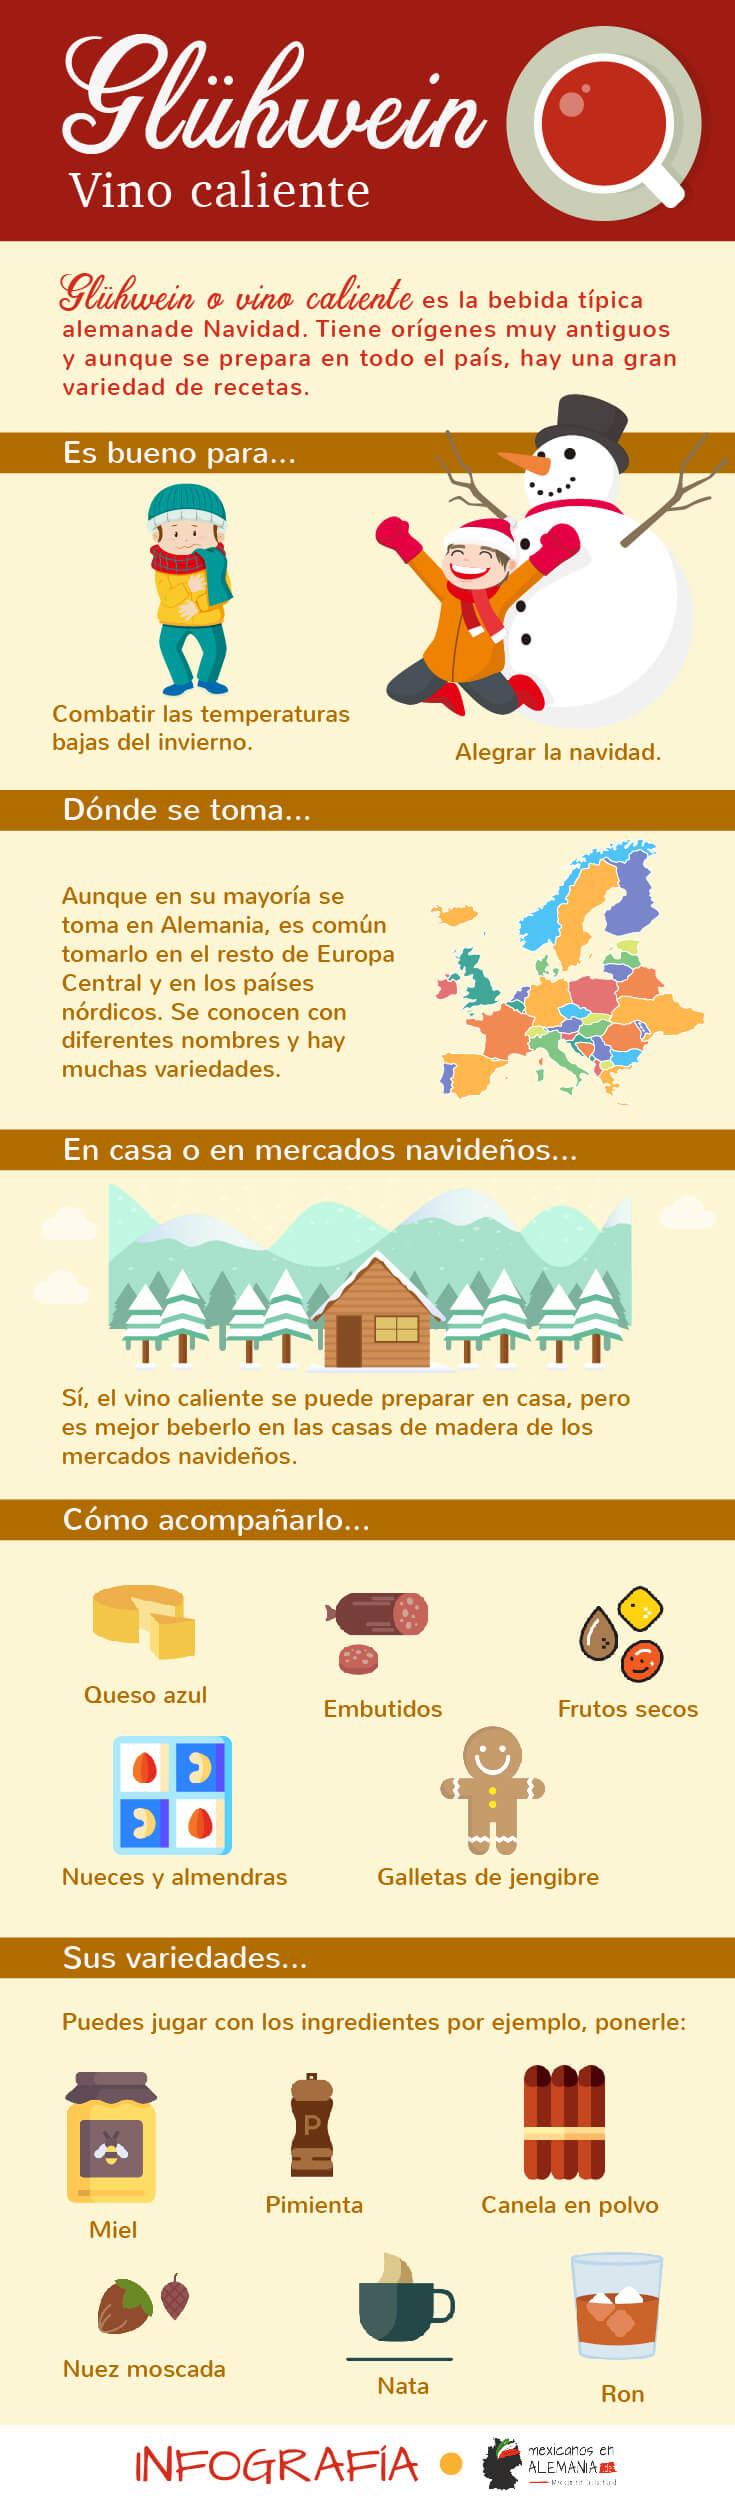 Glühwein - infografia